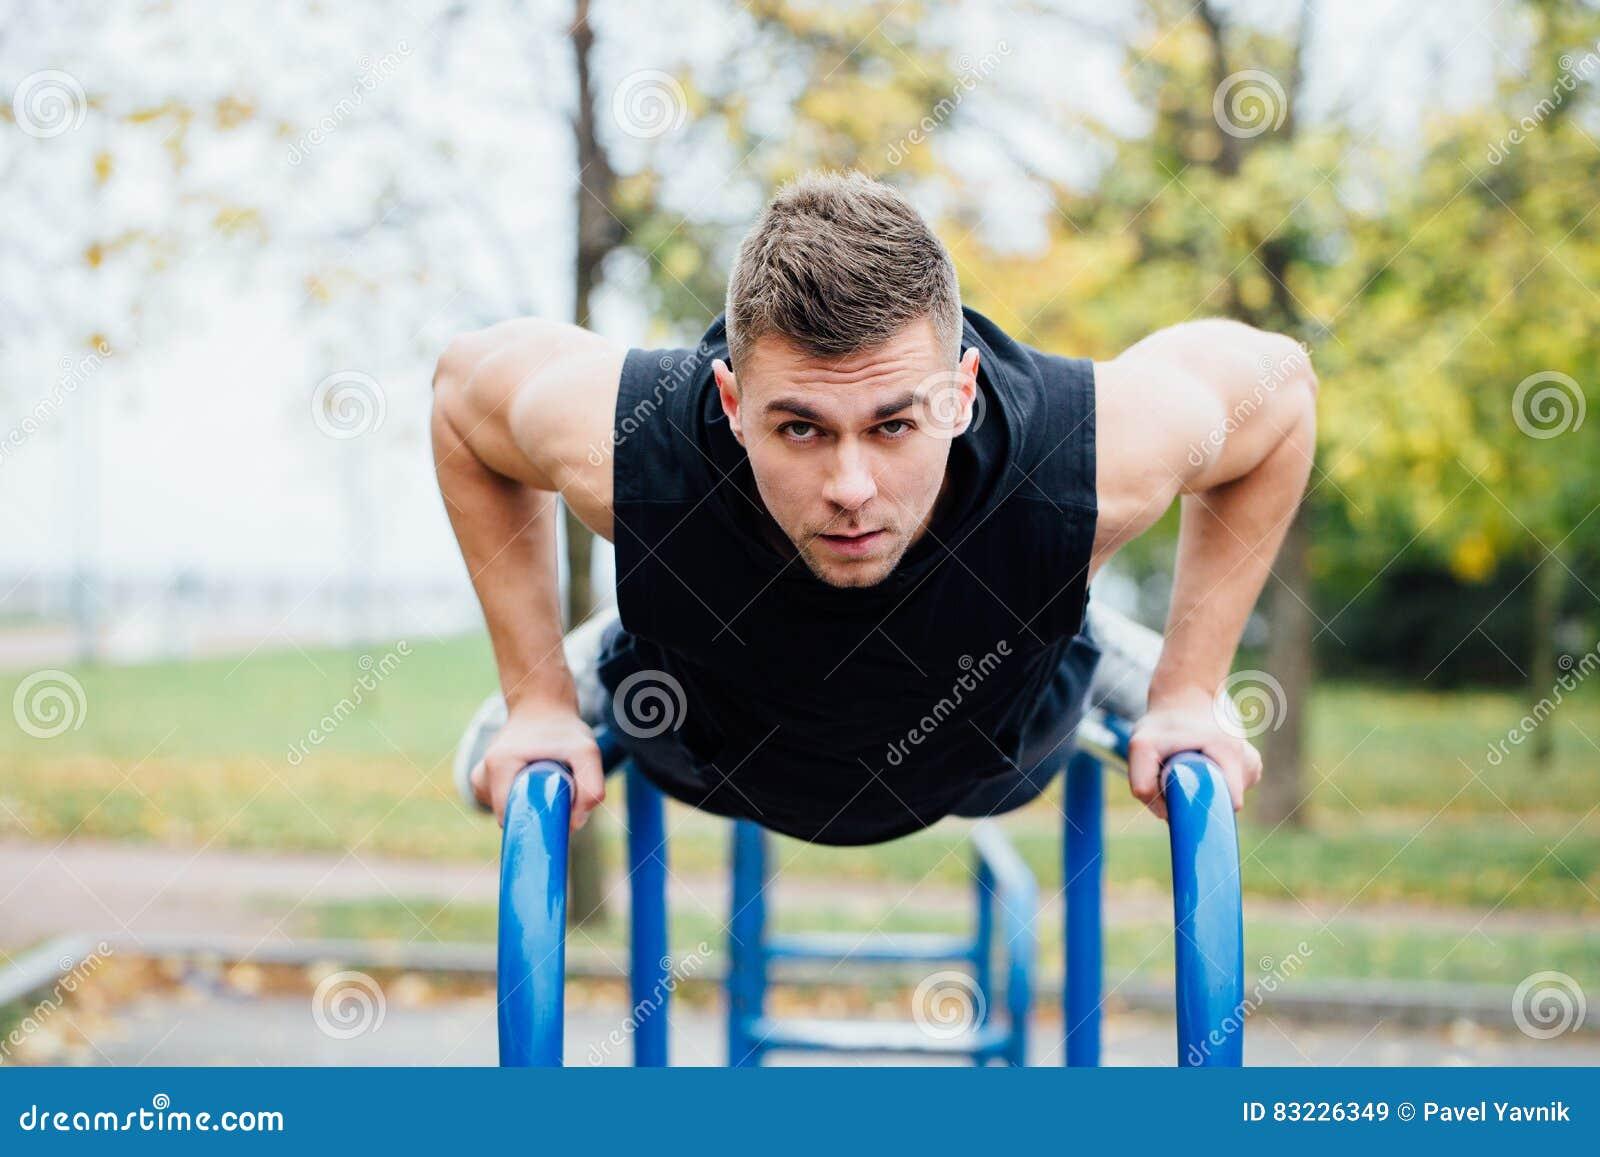 O retrato do homem novo muscular focalizado no exercício preto veste fazer mergulhos em barras paralelas